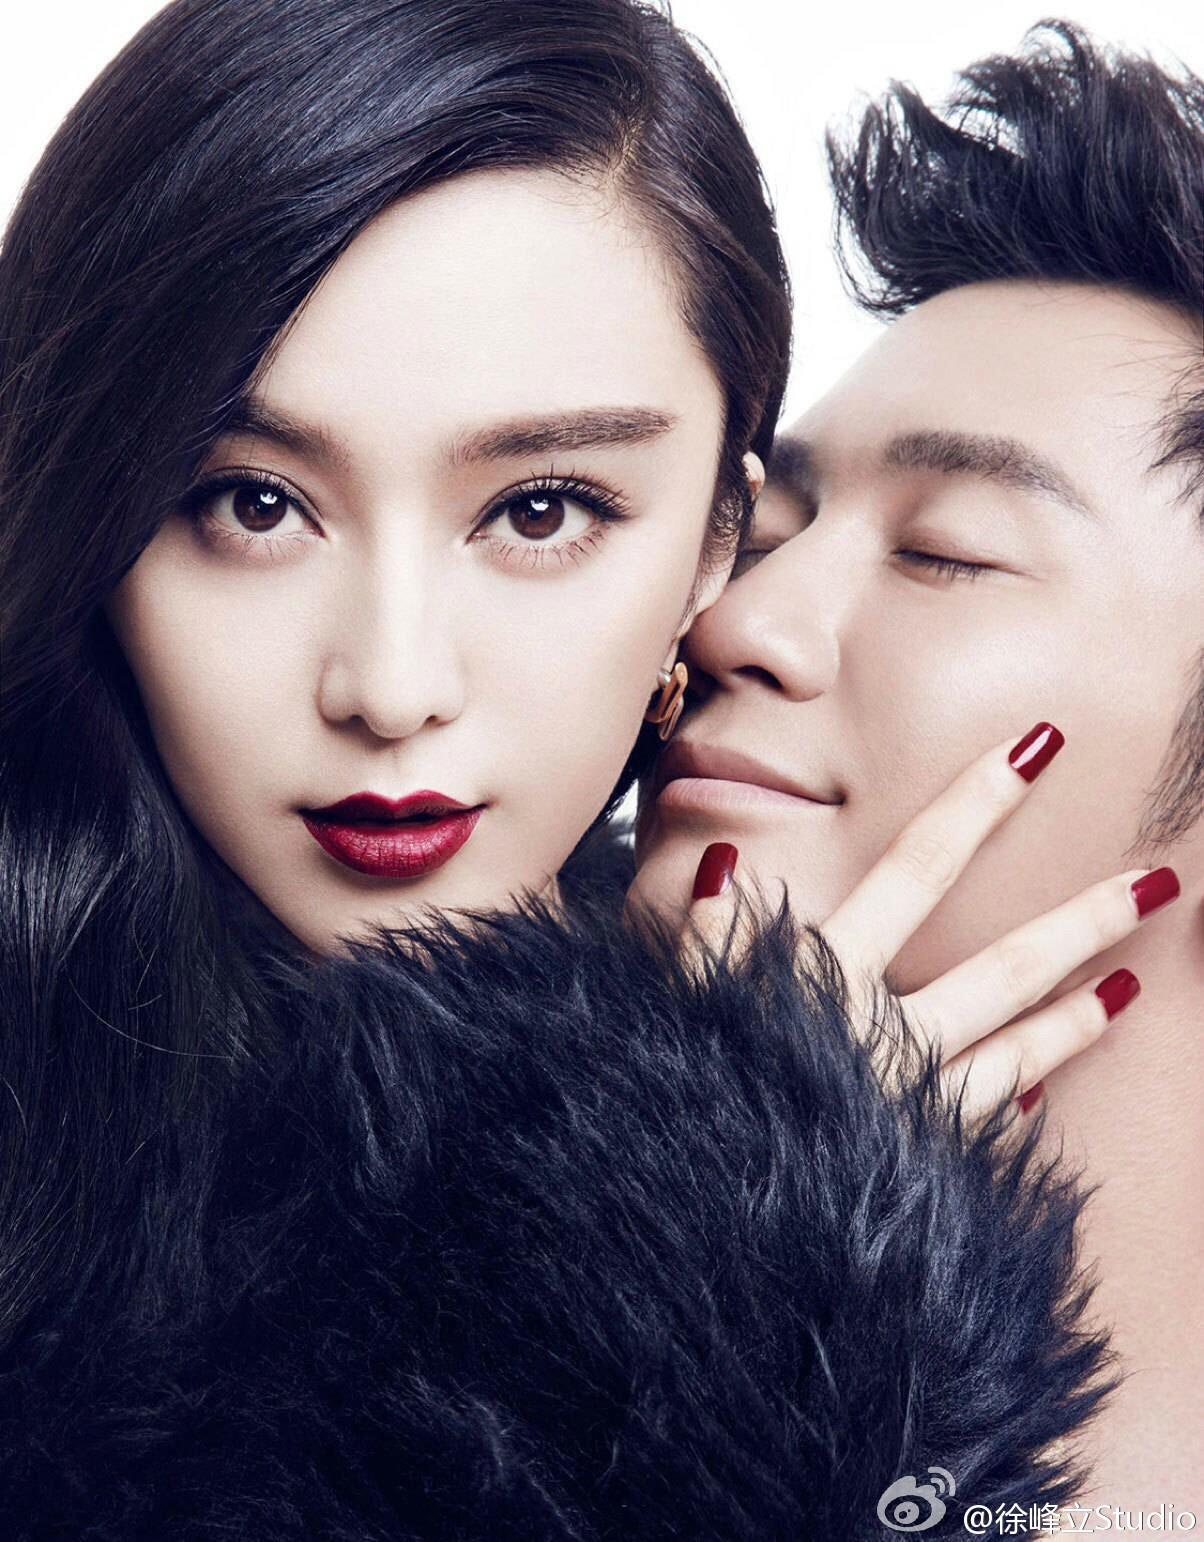 Sao Hàn: Nhan sắc giống nhau như chị em, nhưng đường tình duyên của các mỹ nhân này hoàn ...